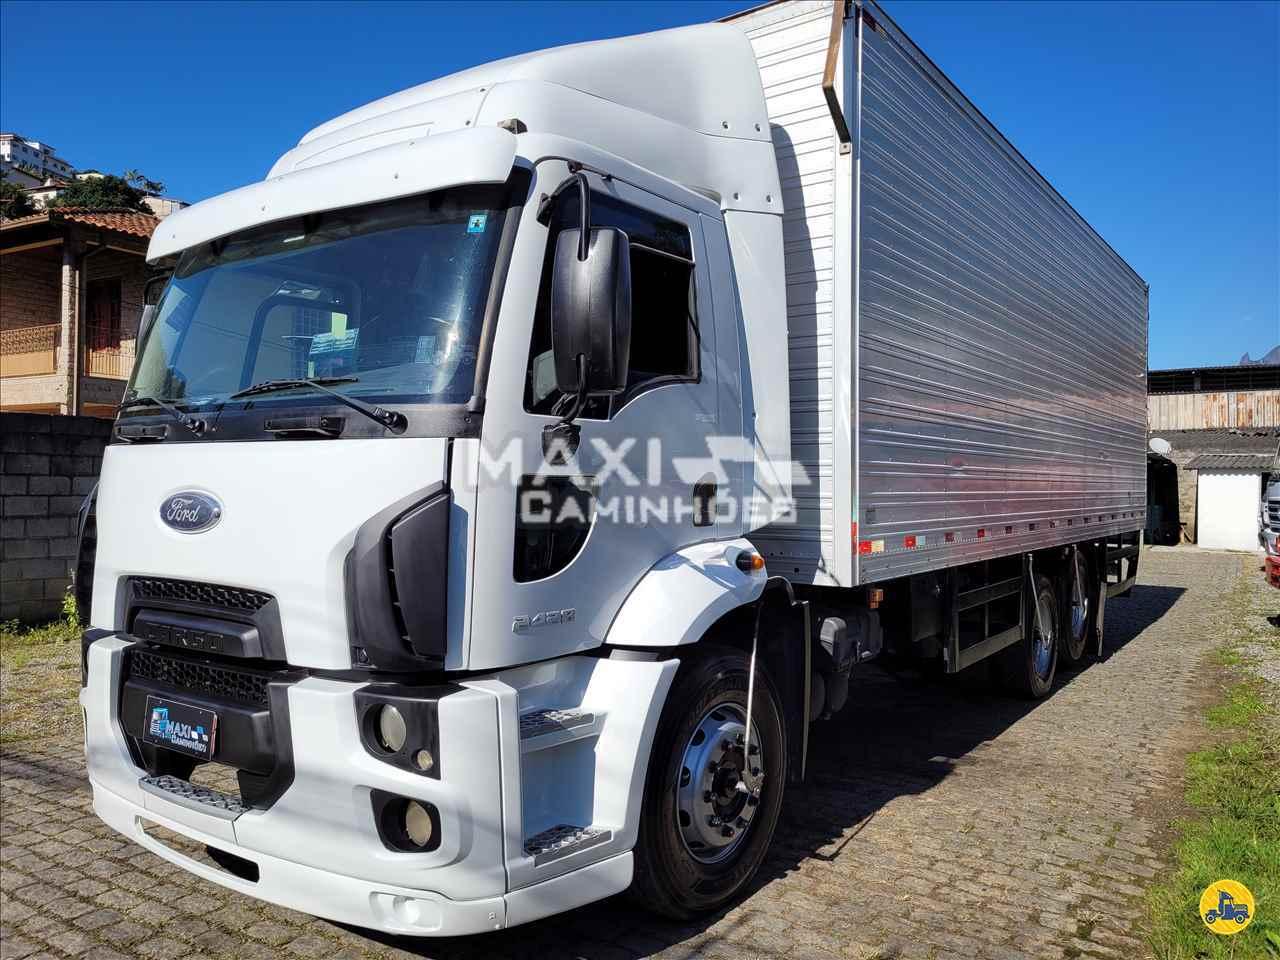 CAMINHAO FORD CARGO 2428 Baú Furgão Truck 6x2 Maxi Caminhões TERESOPOLIS RIO DE JANEIRO RJ